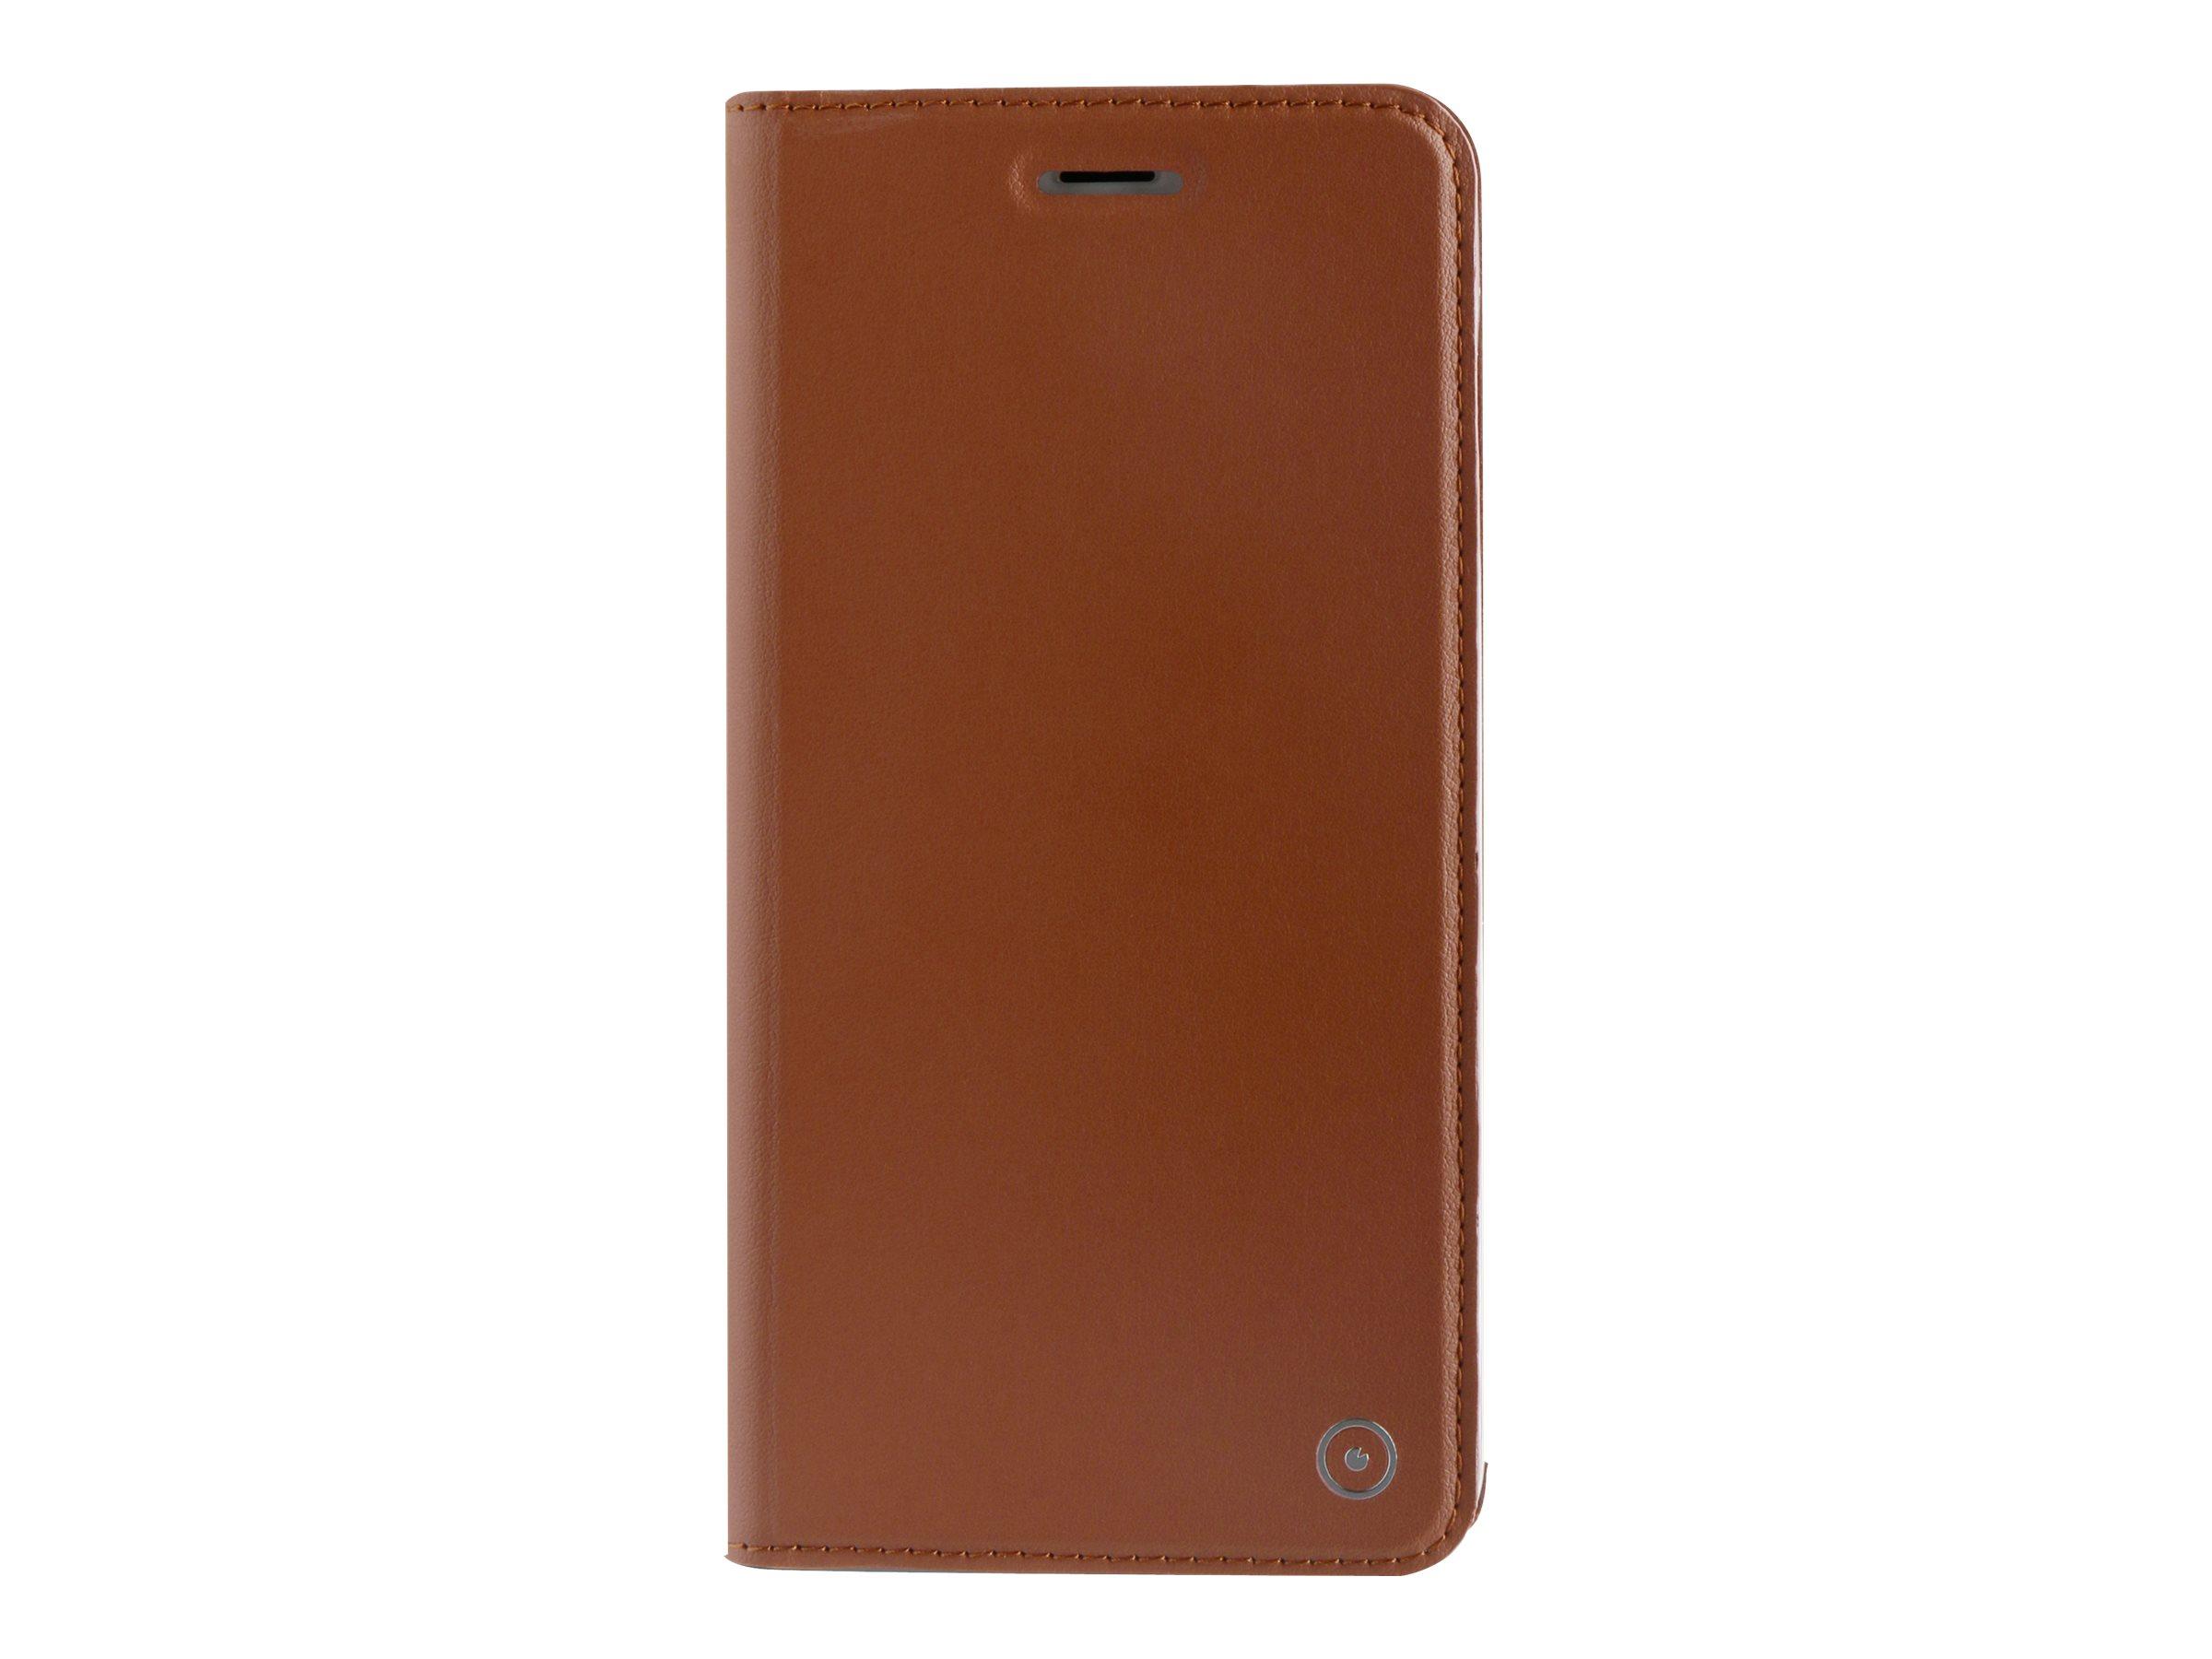 Muvit Folio Stand protection à rabat pour téléphone portable